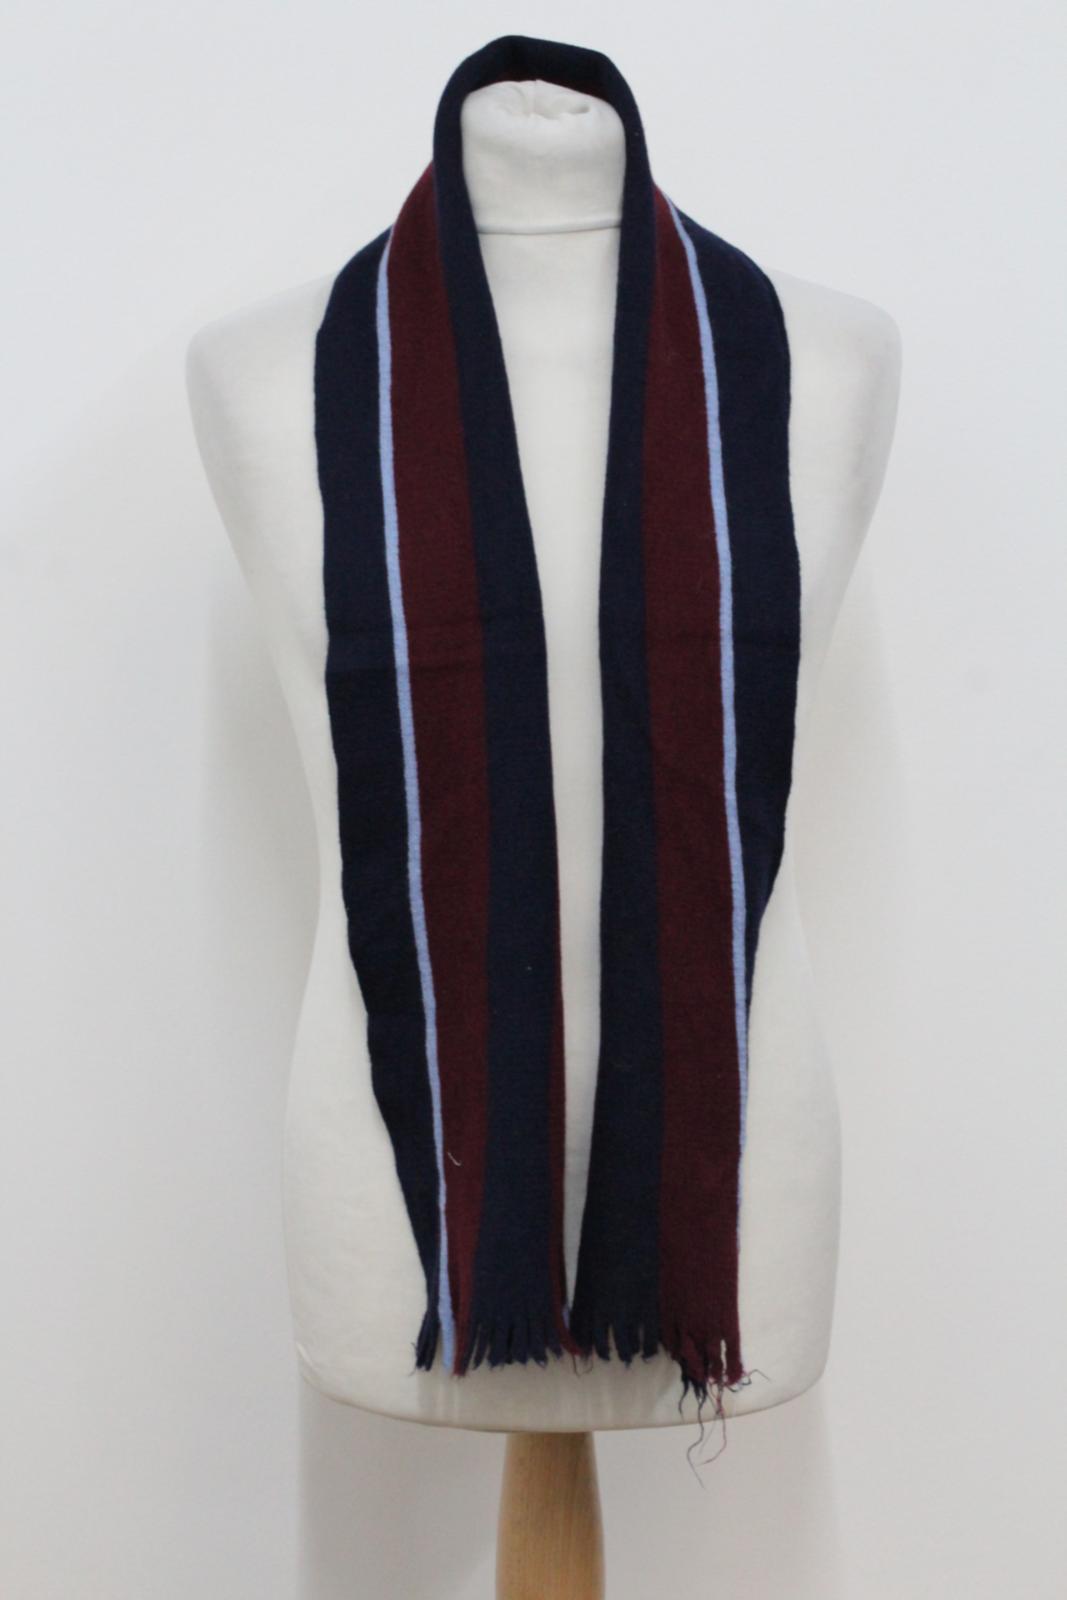 Hilltop-Homme-Bleu-amp-Rouge-Laine-depouille-rectangulaire-Tricot-echarpe-152-cm-x-20-cm miniature 11